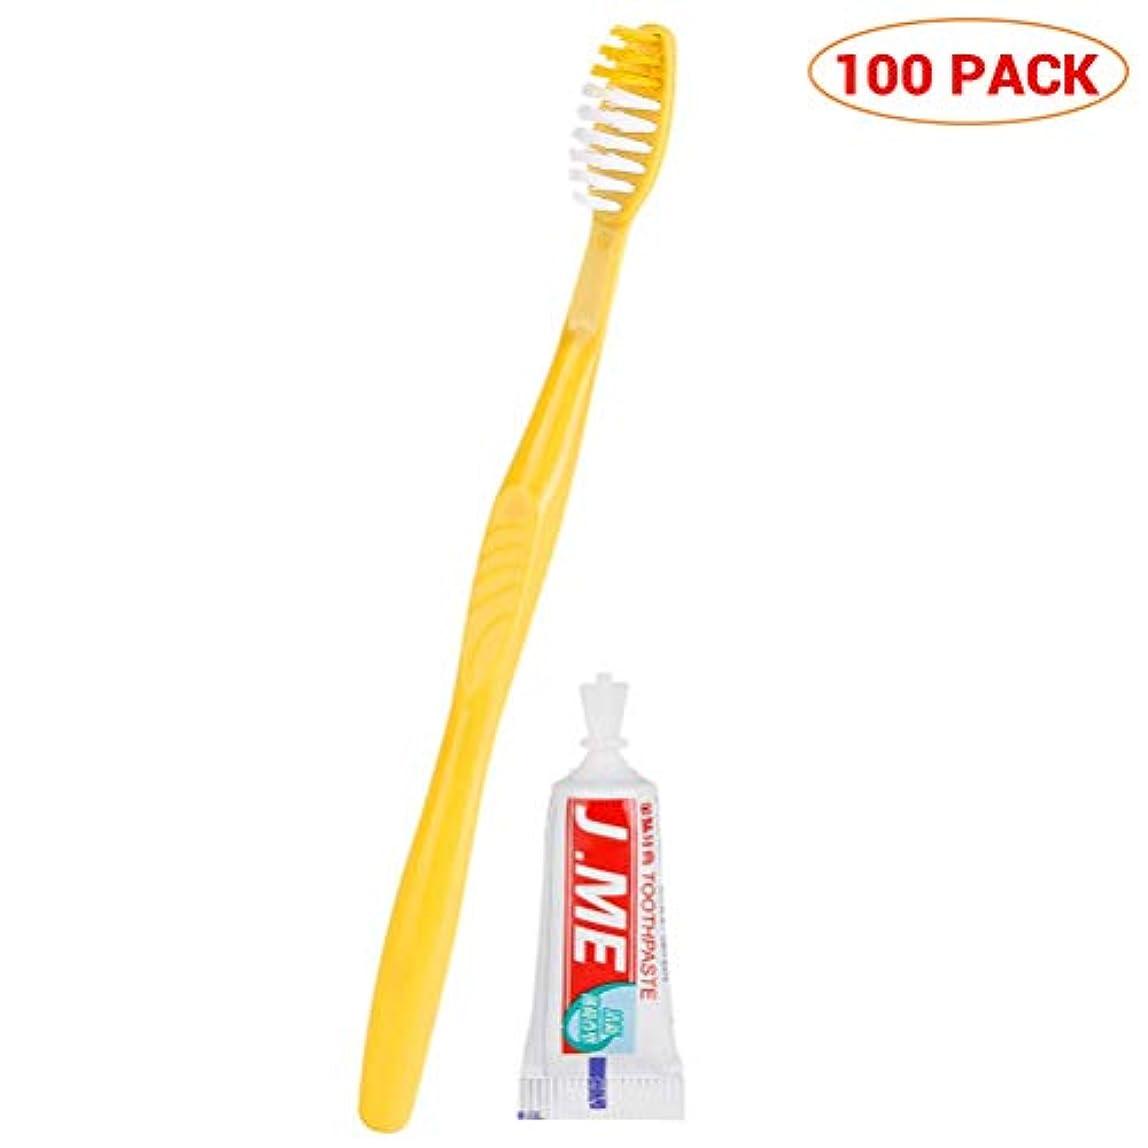 マイク難民縁URHOMY 100セット歯磨き粉セットポータブル歯磨きキット付き使い捨て歯ブラシ